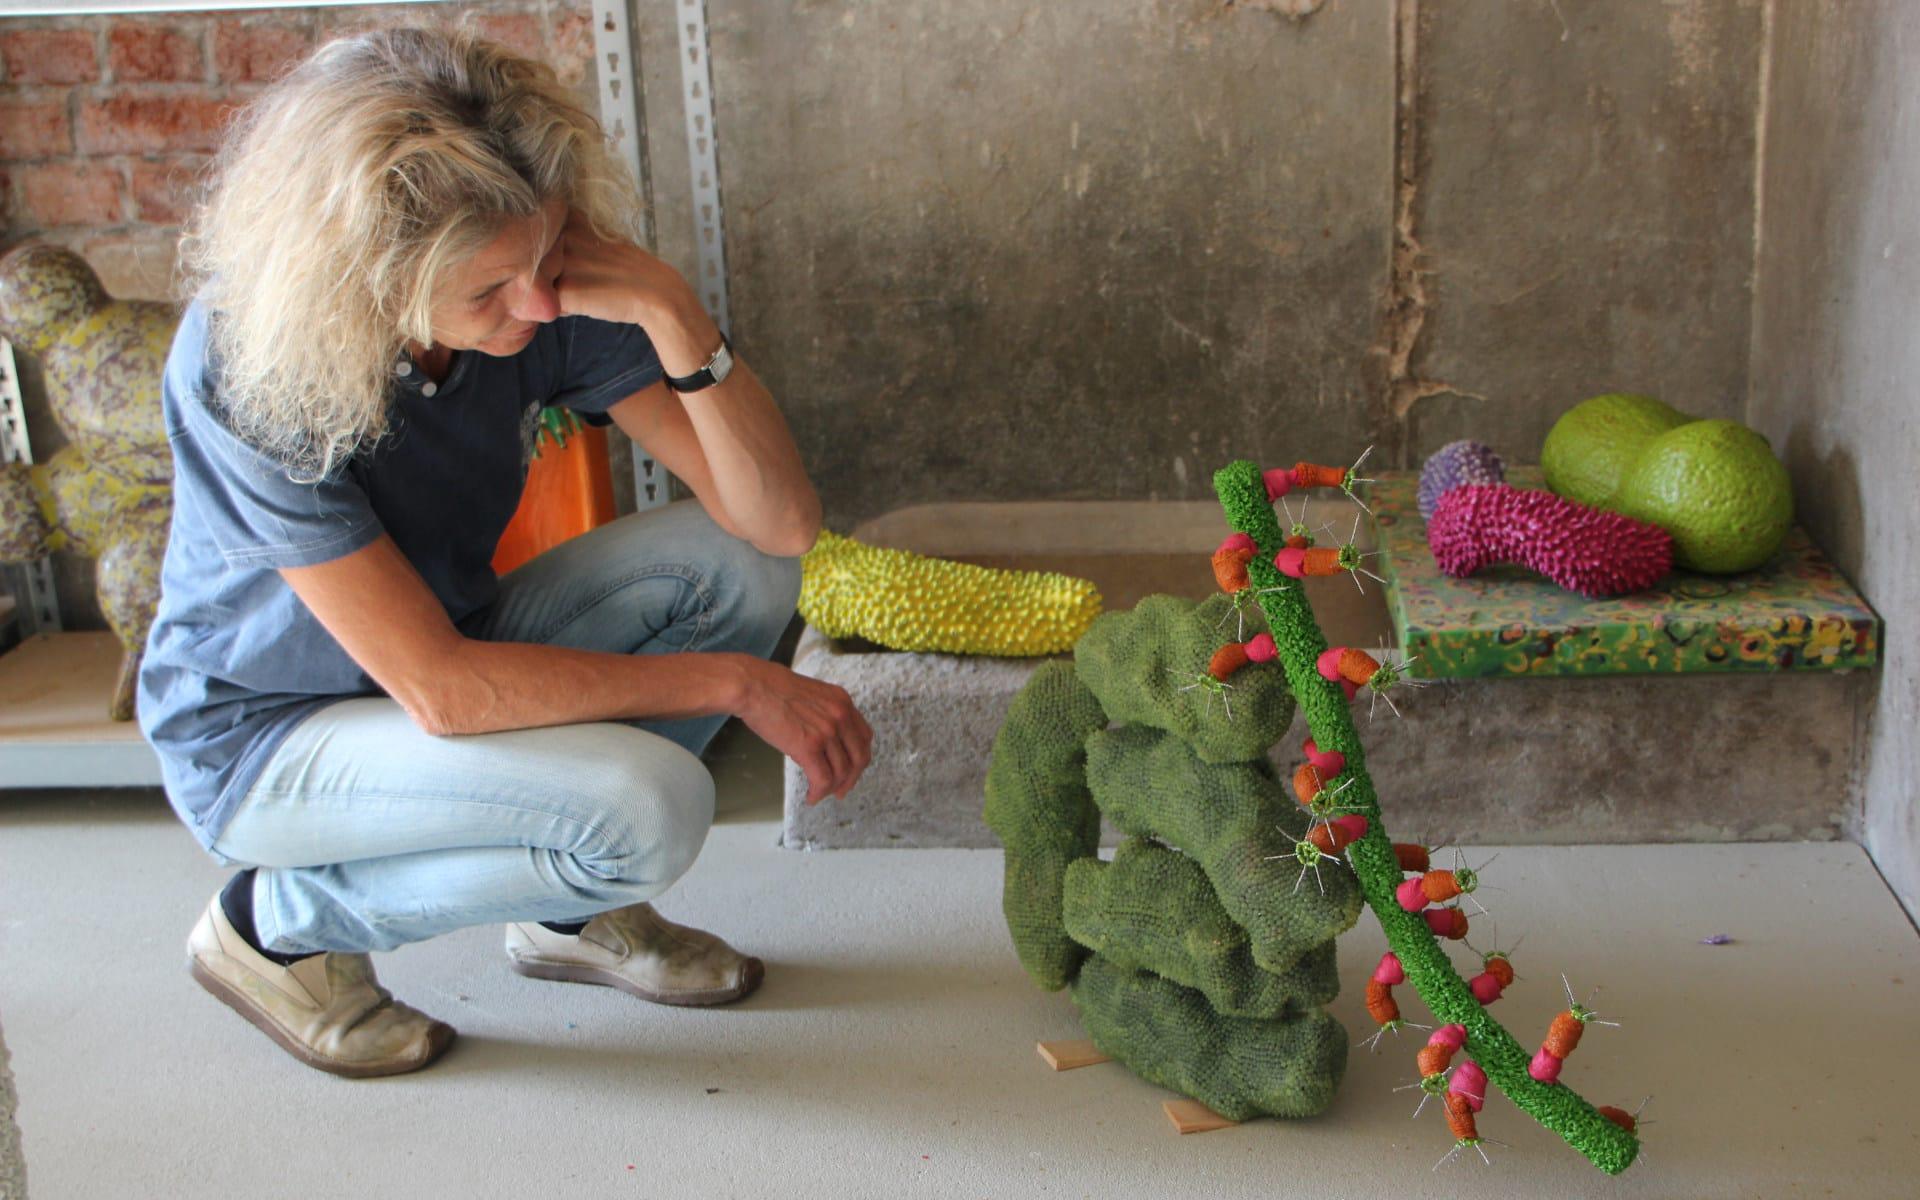 Kunsttour Betzin-Brunne - Ein Gast beim bewundern der Kunst im Atelier von Marina Schreiber